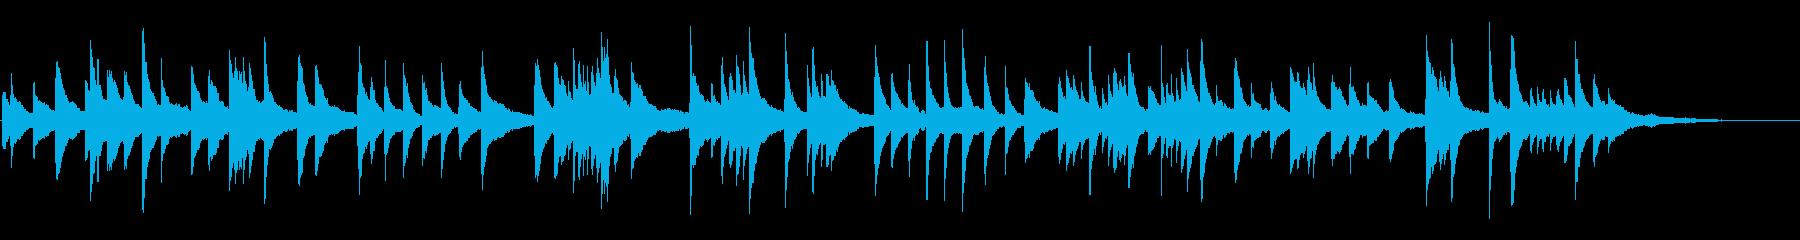 ★★叶わぬ恋に落ちた学生の❤脳内ピアノ曲の再生済みの波形